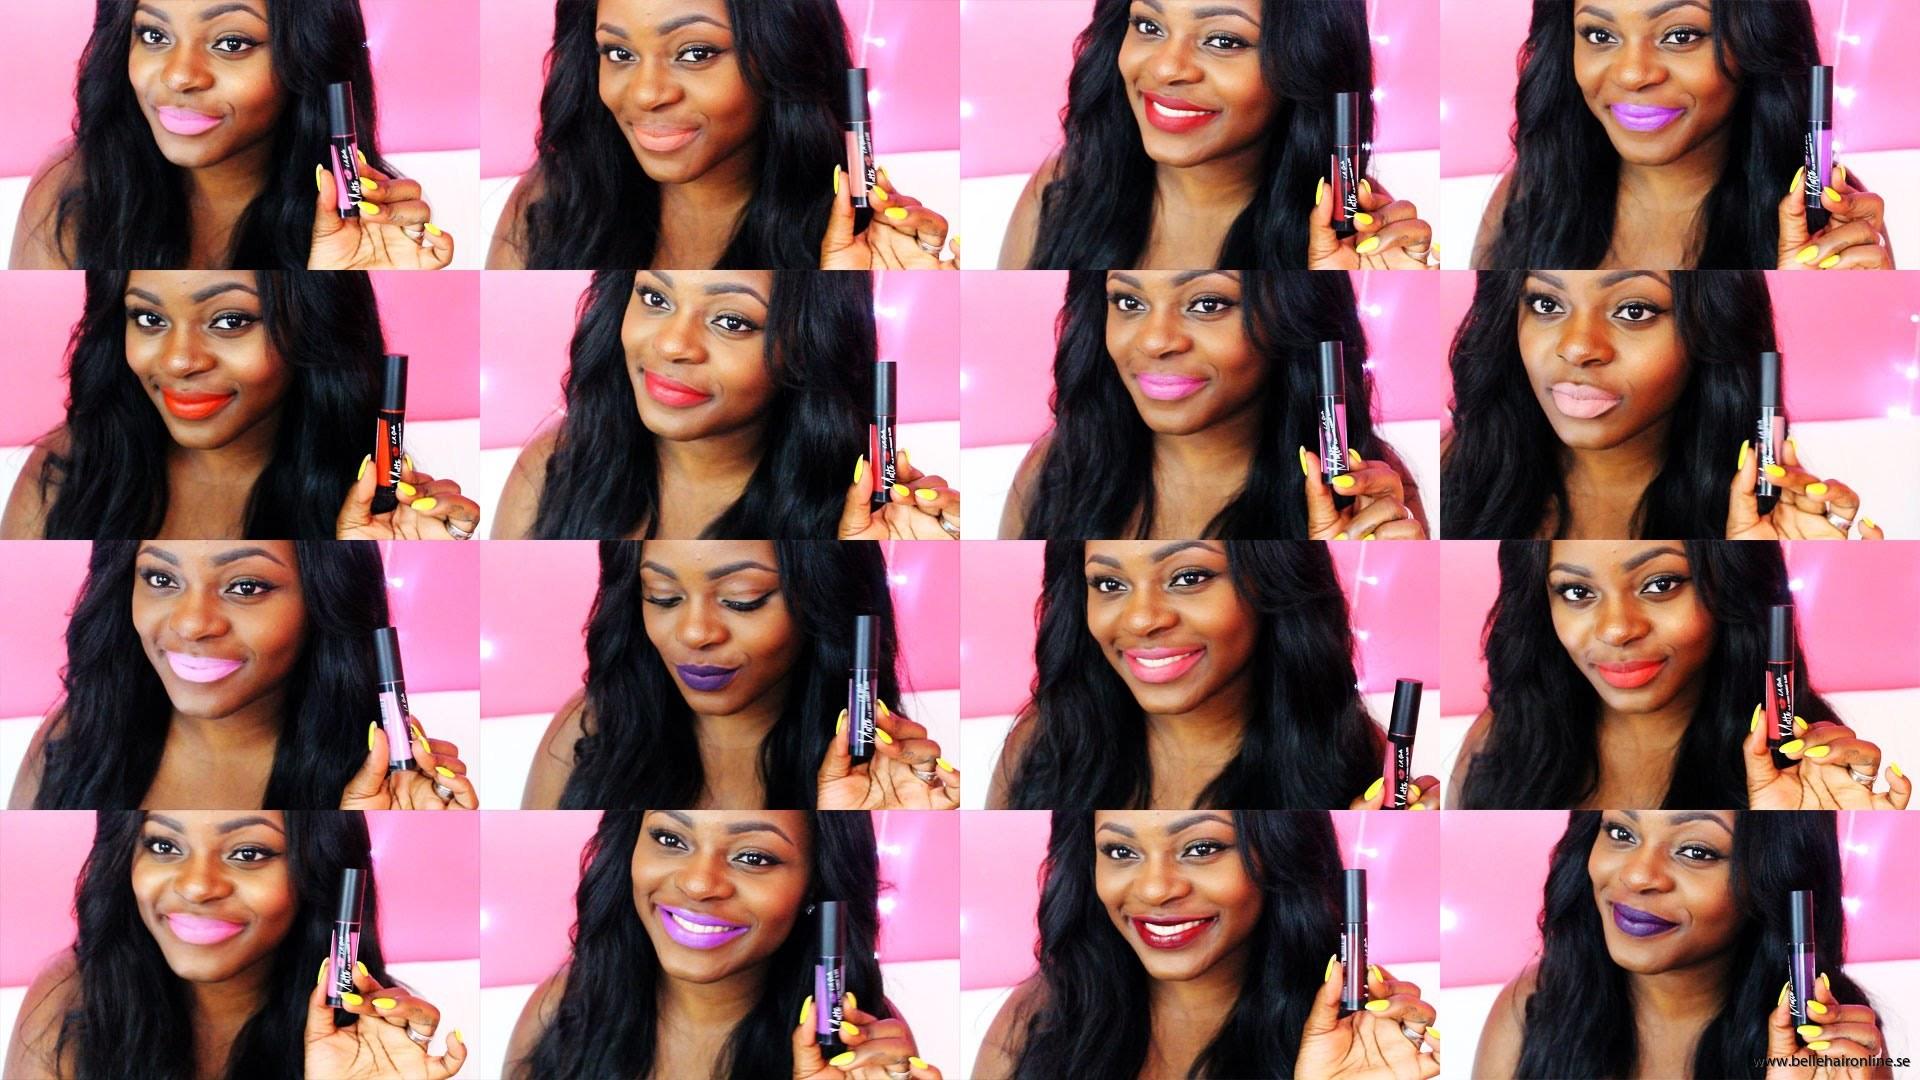 La Girl on dark skin